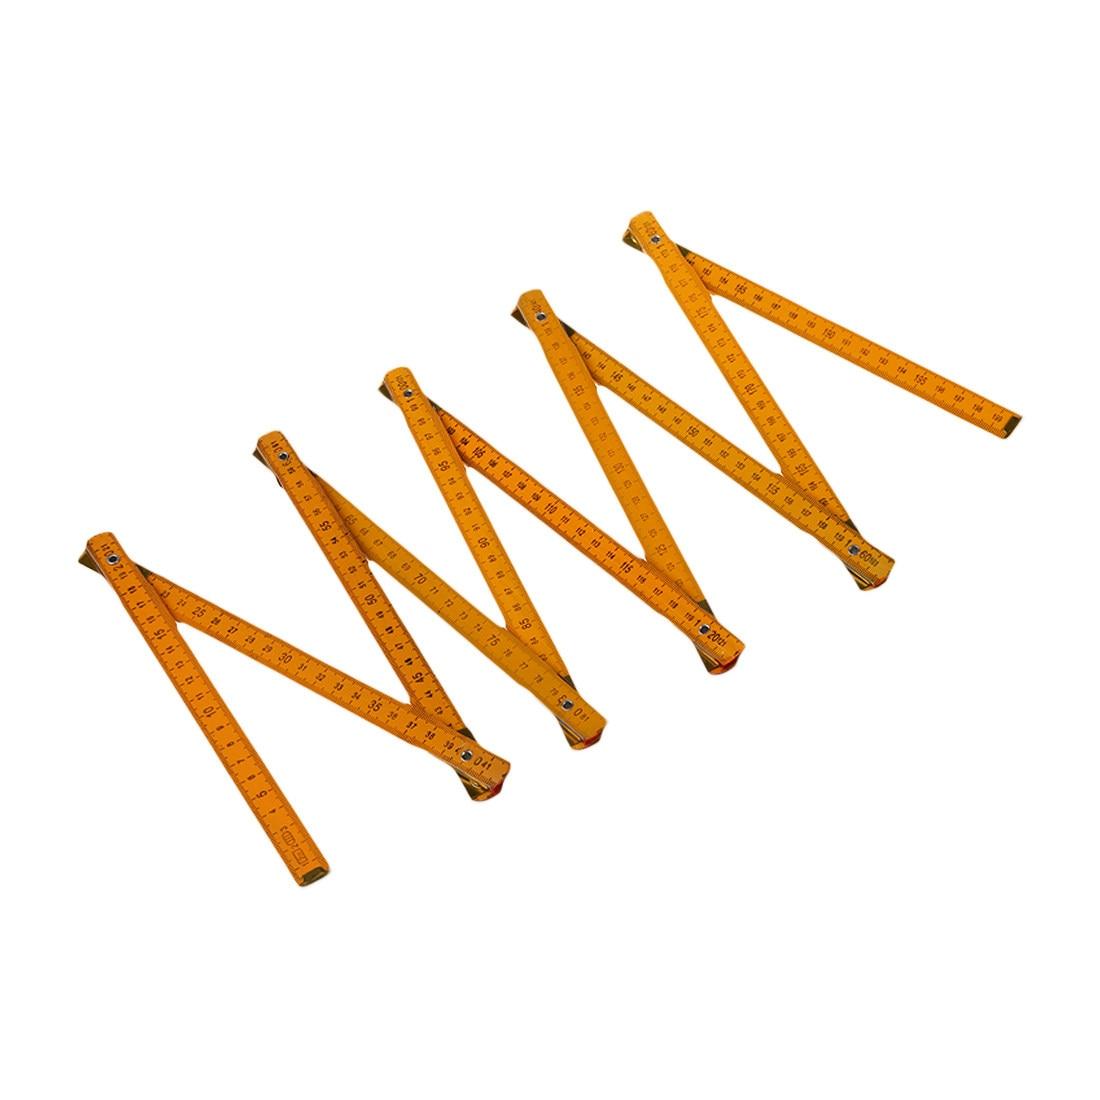 Affordable Portable Carpenter Wooden Folding Ruler 100cm/39inch